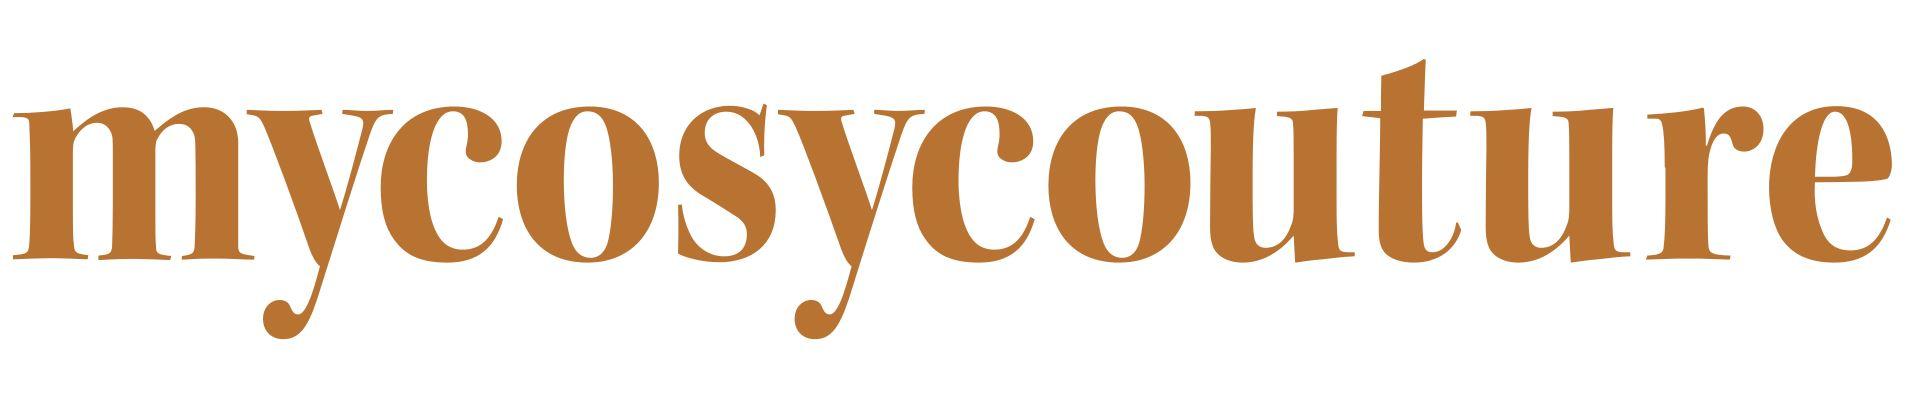 MYCOSY